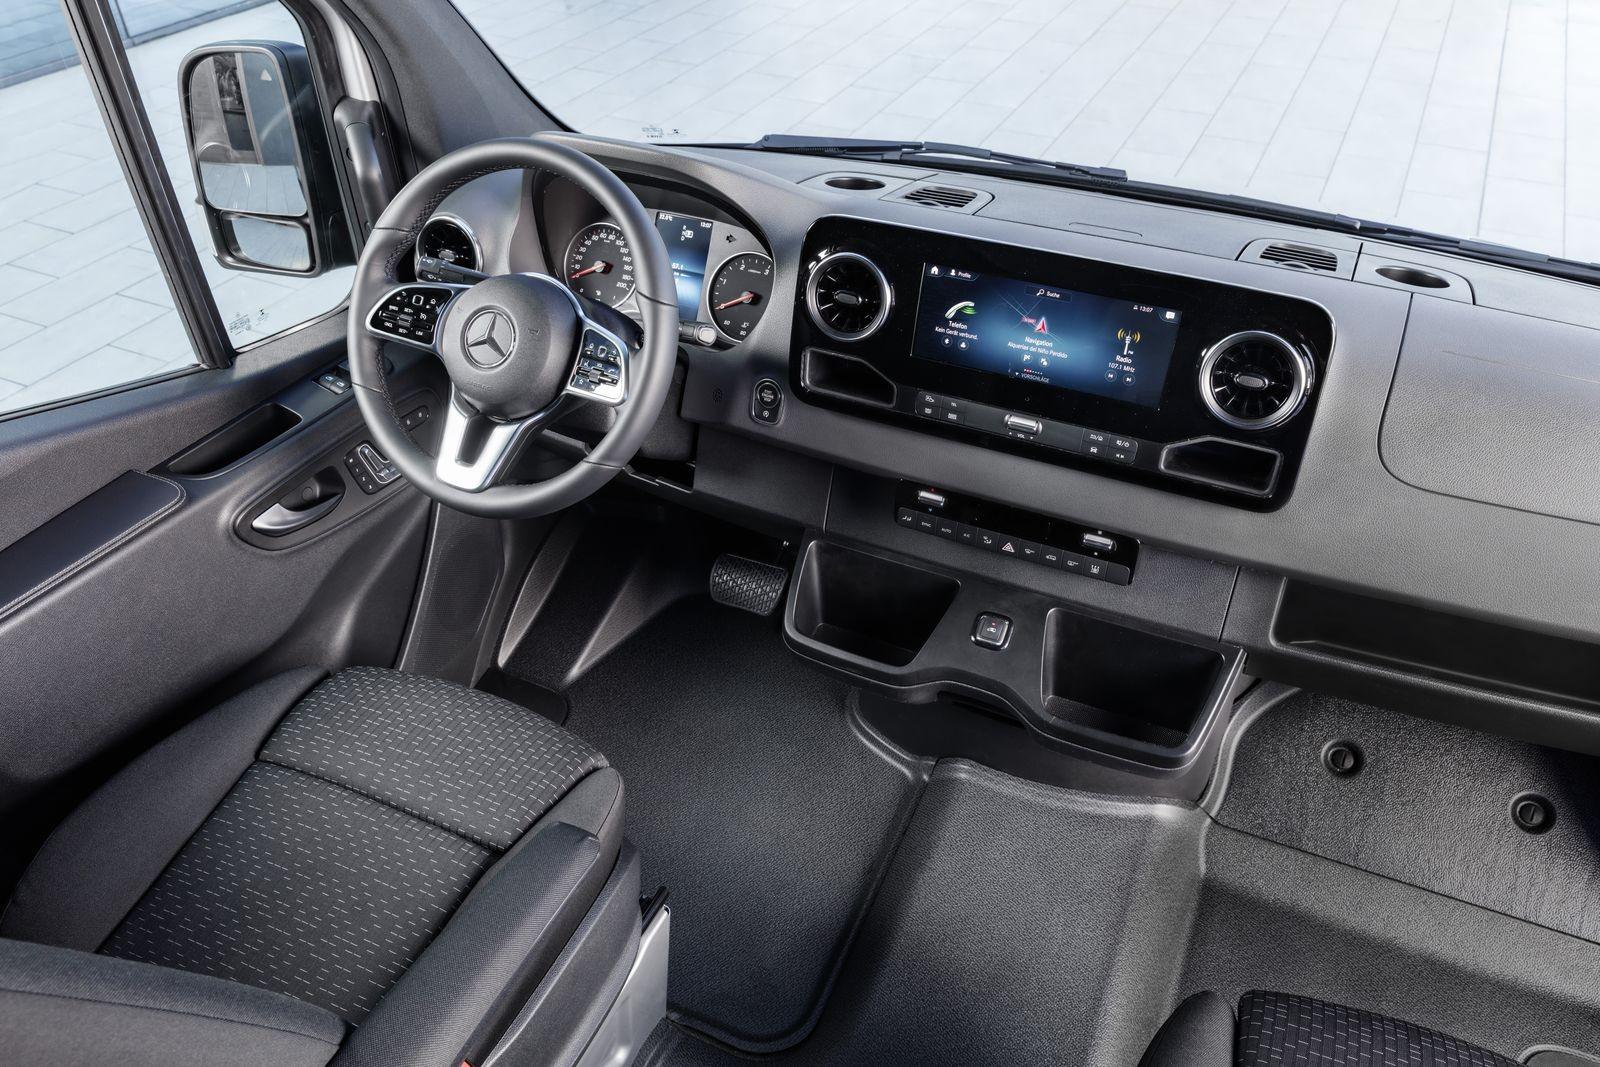 Weltpremiere Mercedes-Benz Sprinter 2018 World premiere Mercedes-Benz Sprinter 2018